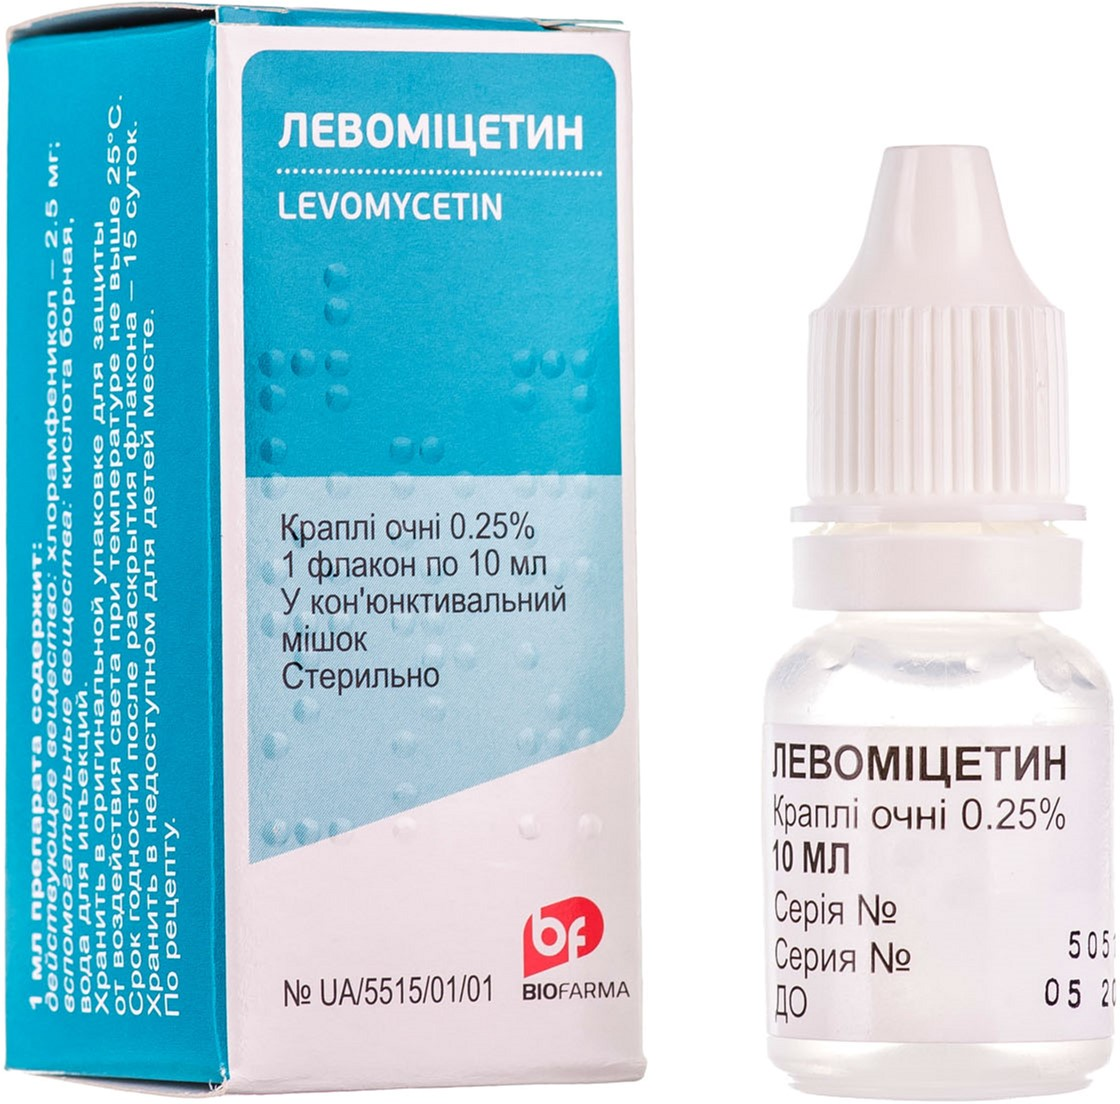 У препарата есть побочные эффекты и противопоказания